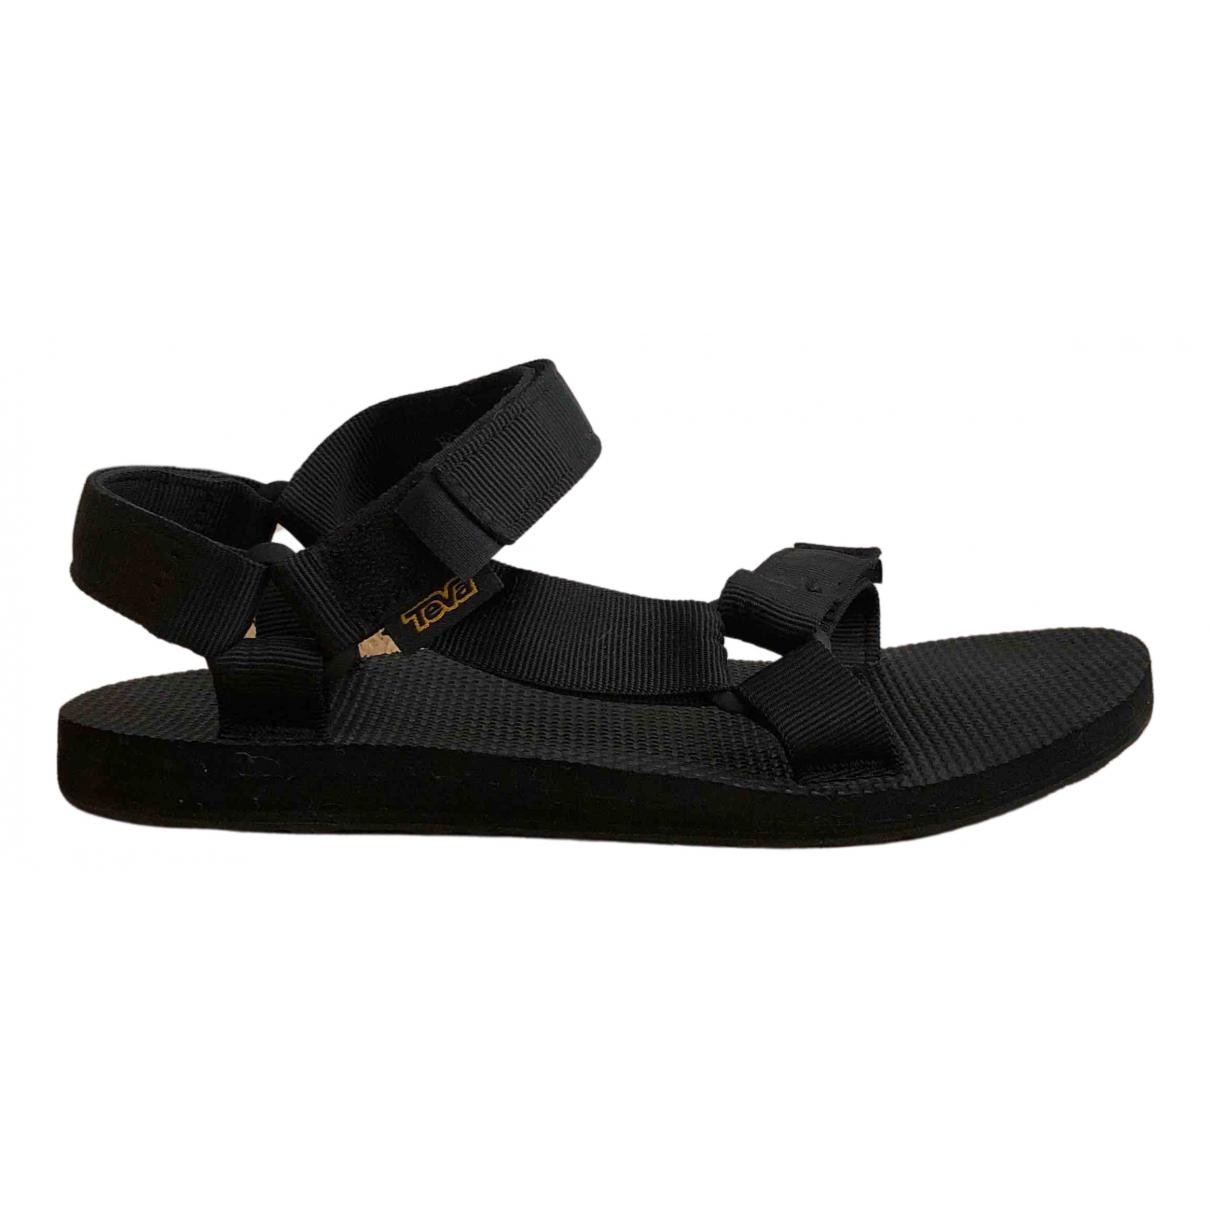 Teva - Sandales   pour femme en caoutchouc - noir